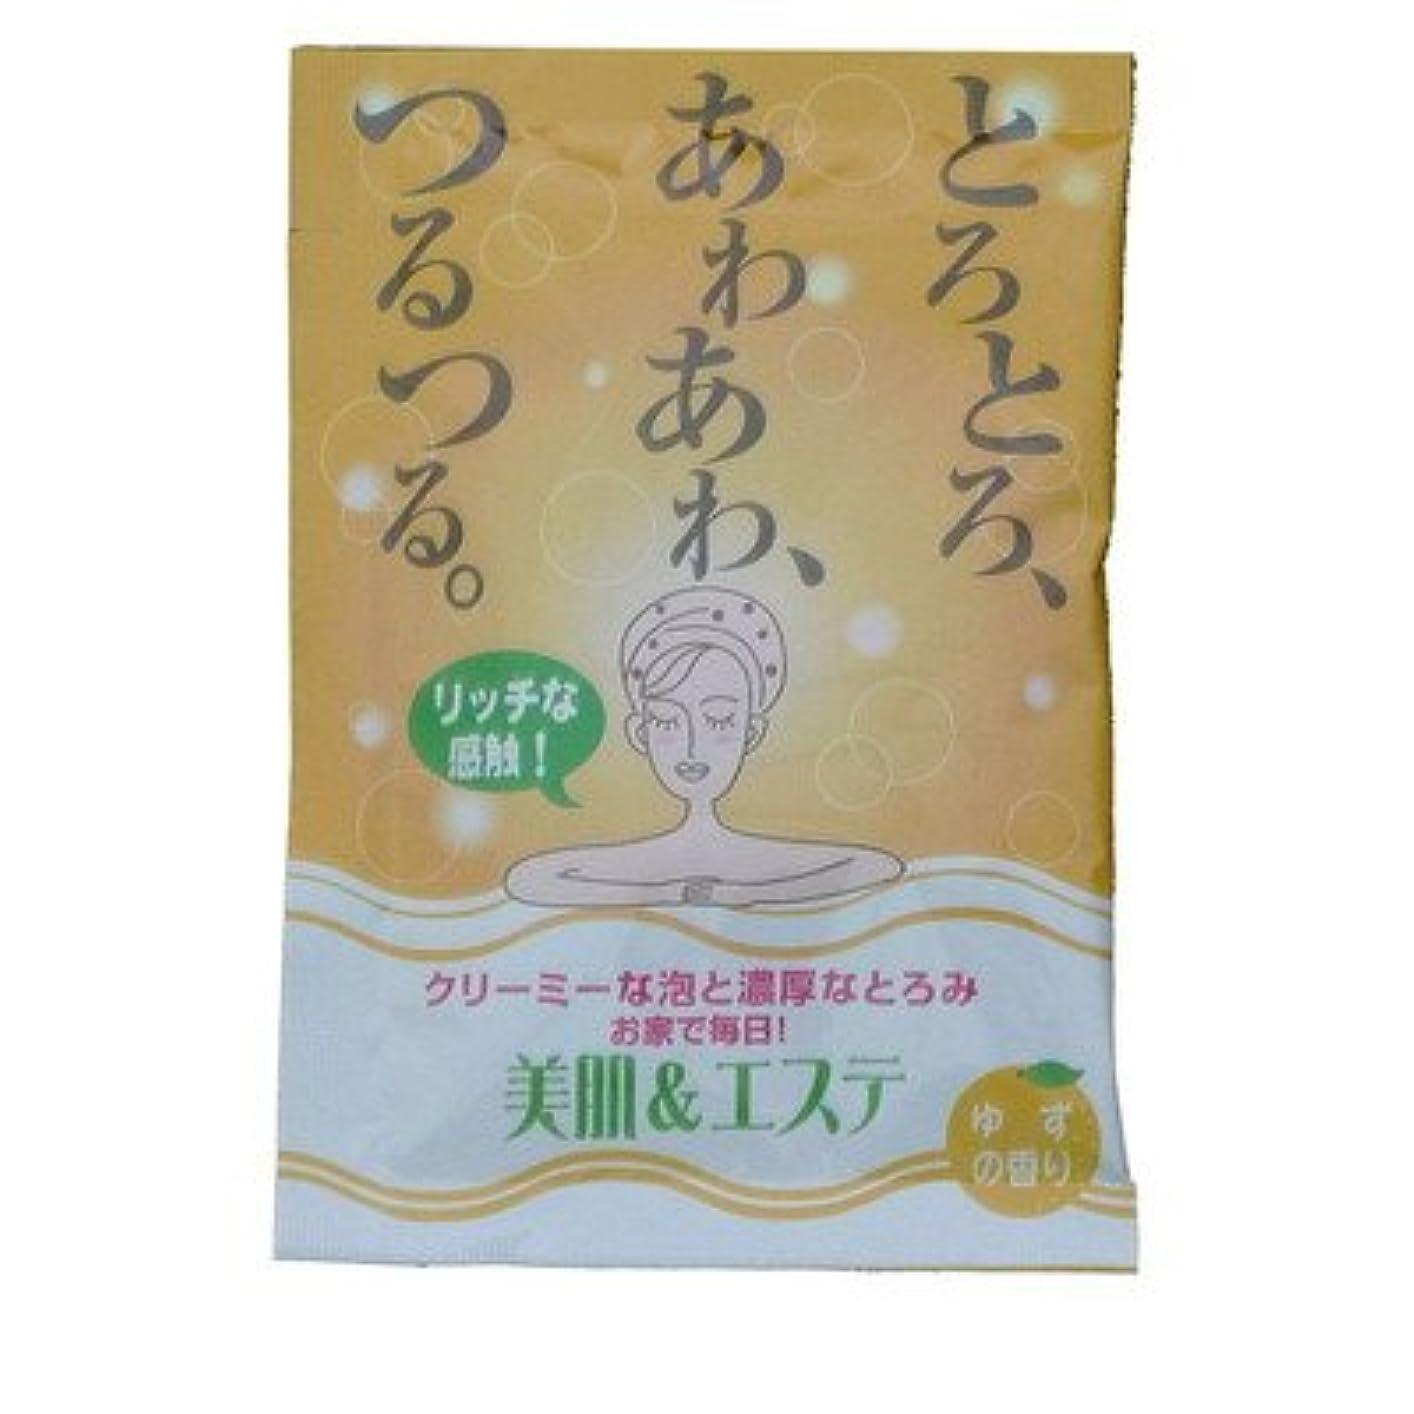 新しい意味回転ひらめきエステクリーミーバス ゆずの香り 30g 【6個パック】